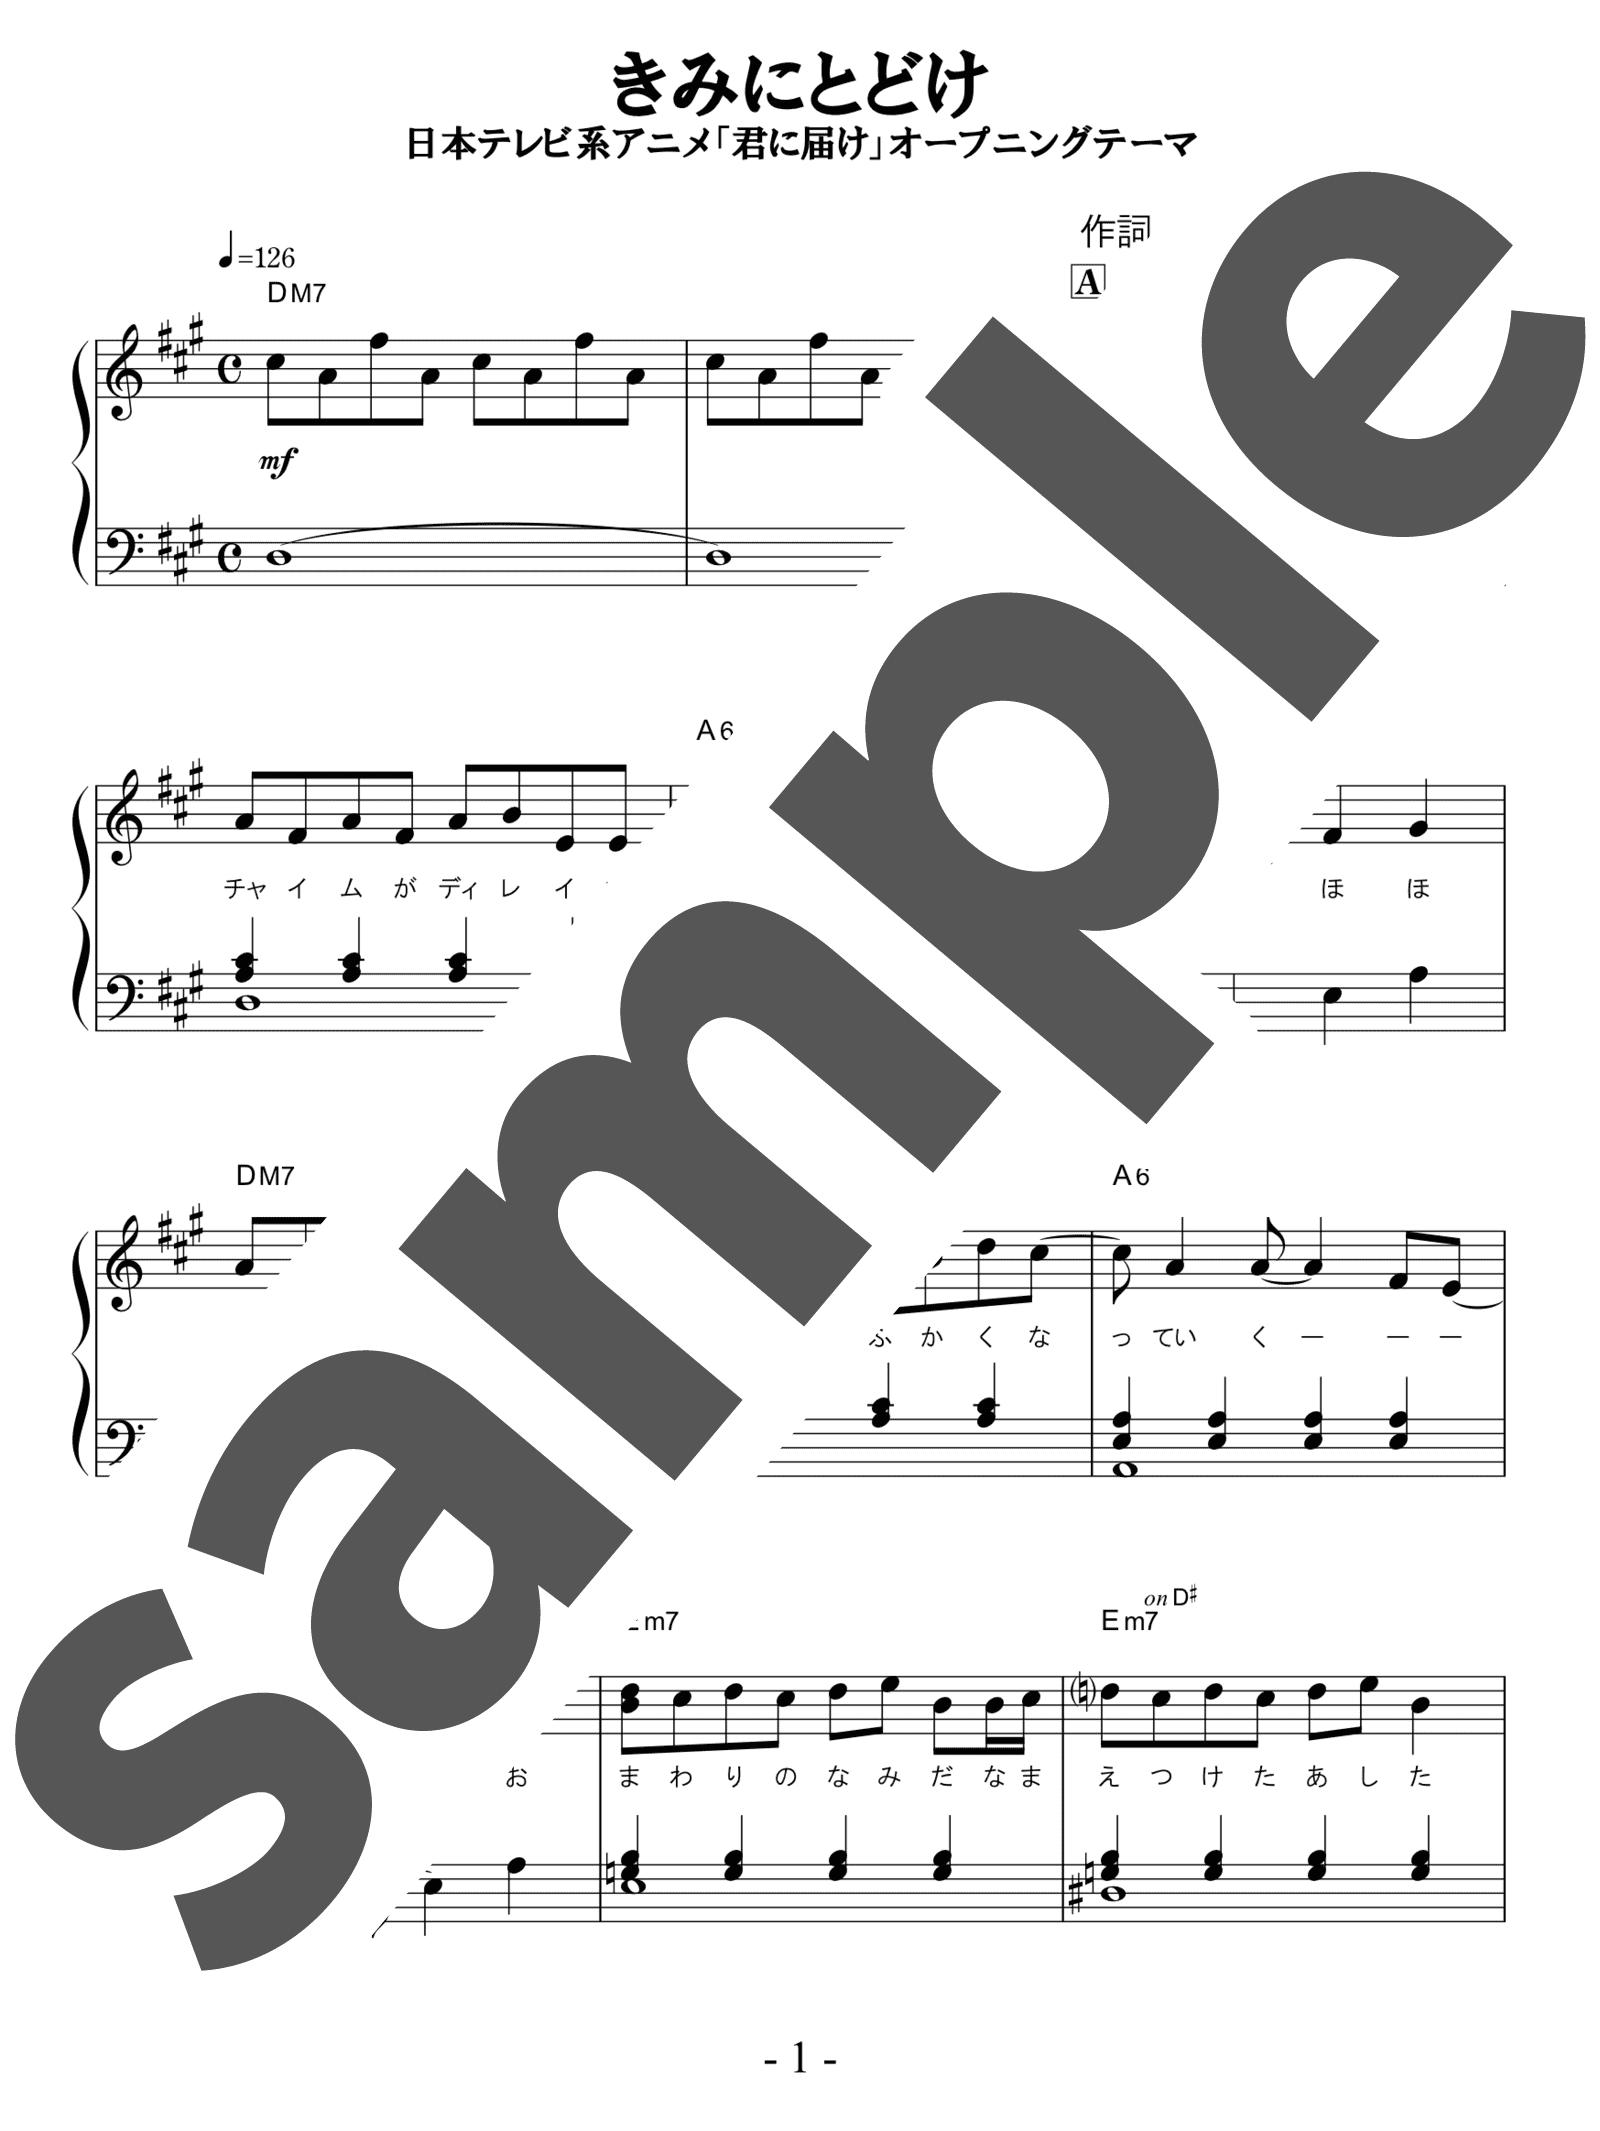 「きみにとどけ」のサンプル楽譜